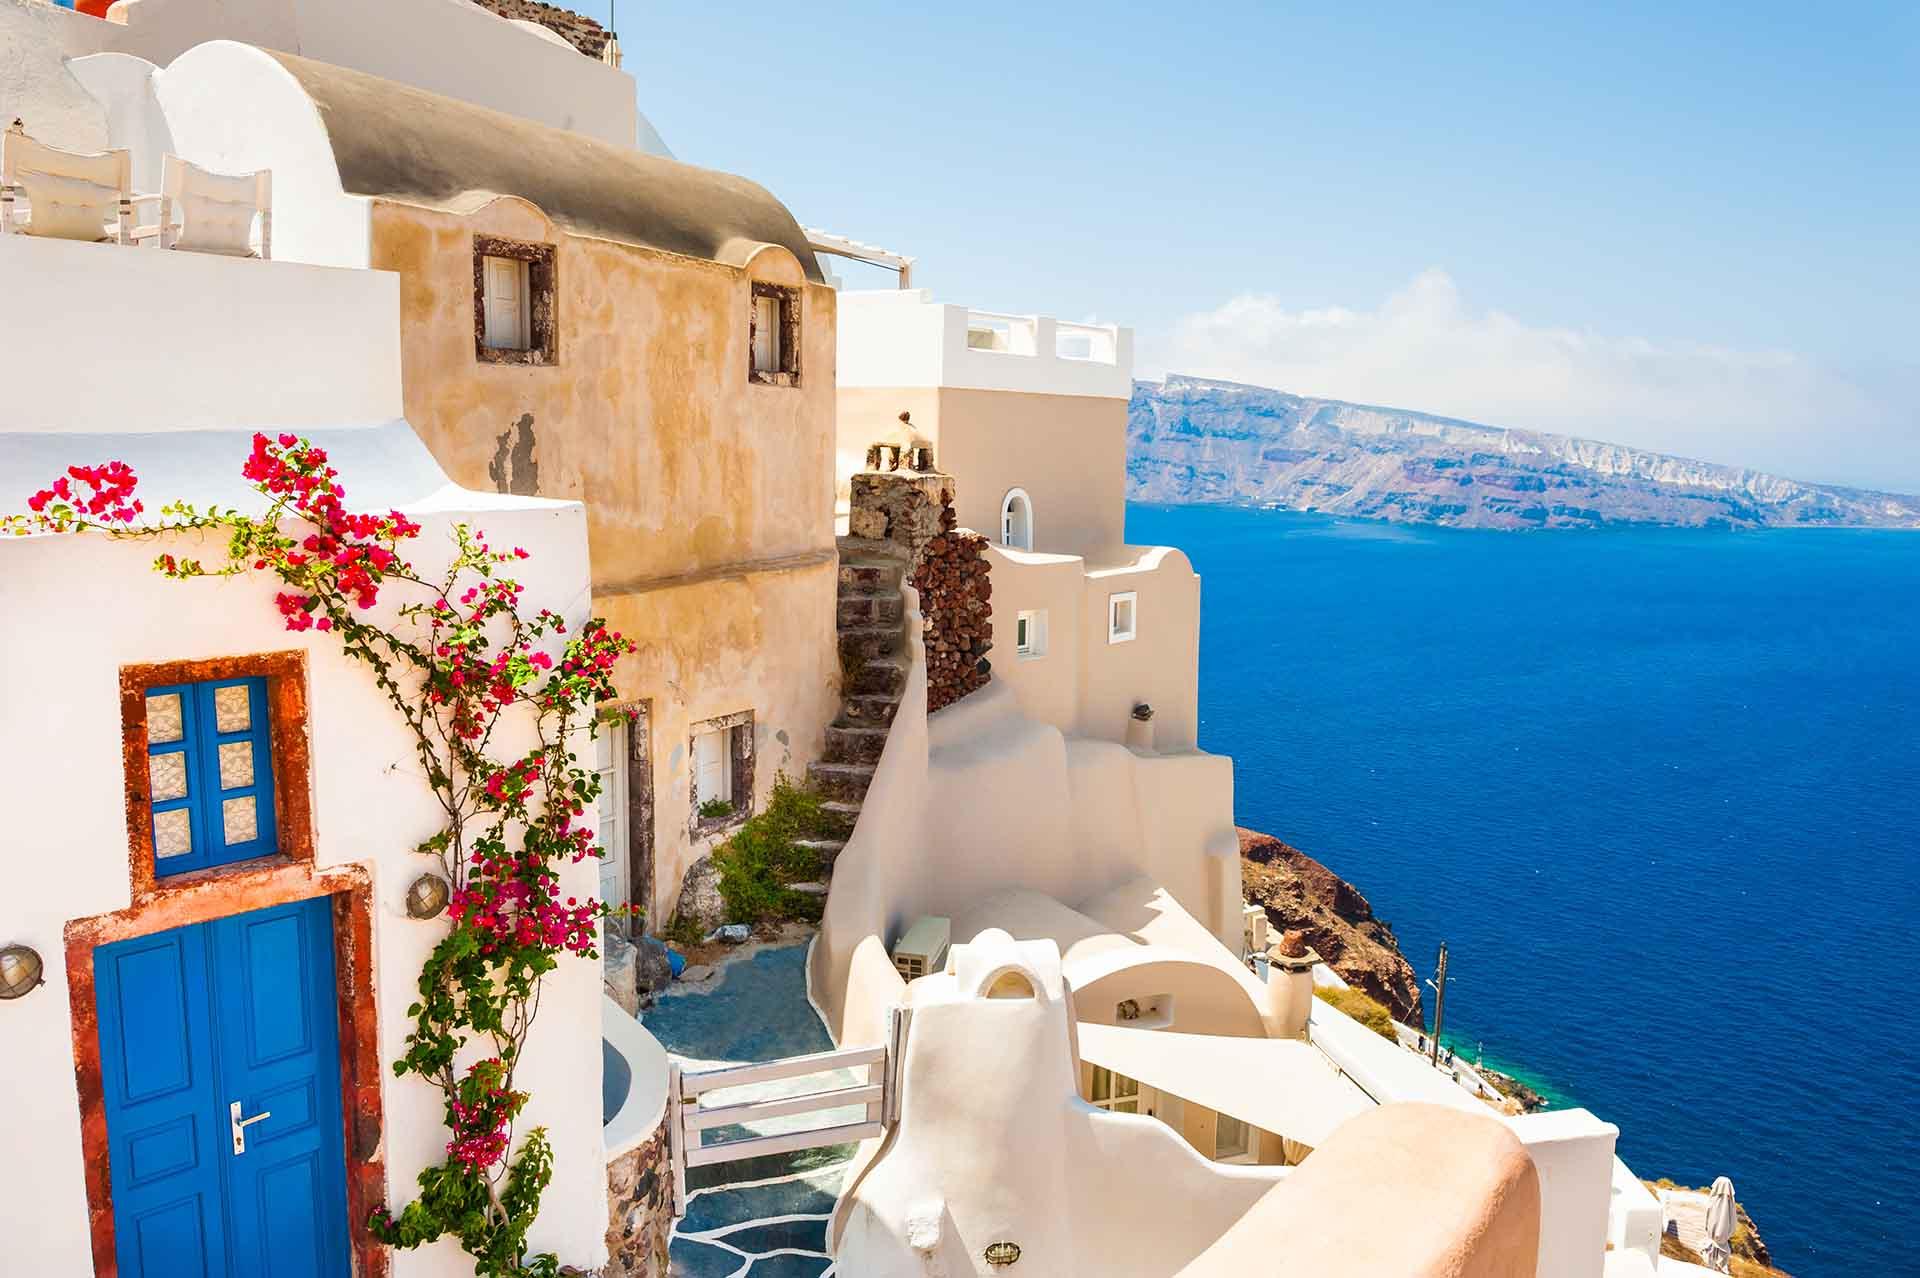 Santorini, también conocida como Thera en griego, es la isla inmortalizada por poetas y pintores, gracias a su célebre luz, acantilados multicolores y atardeceres perfectos